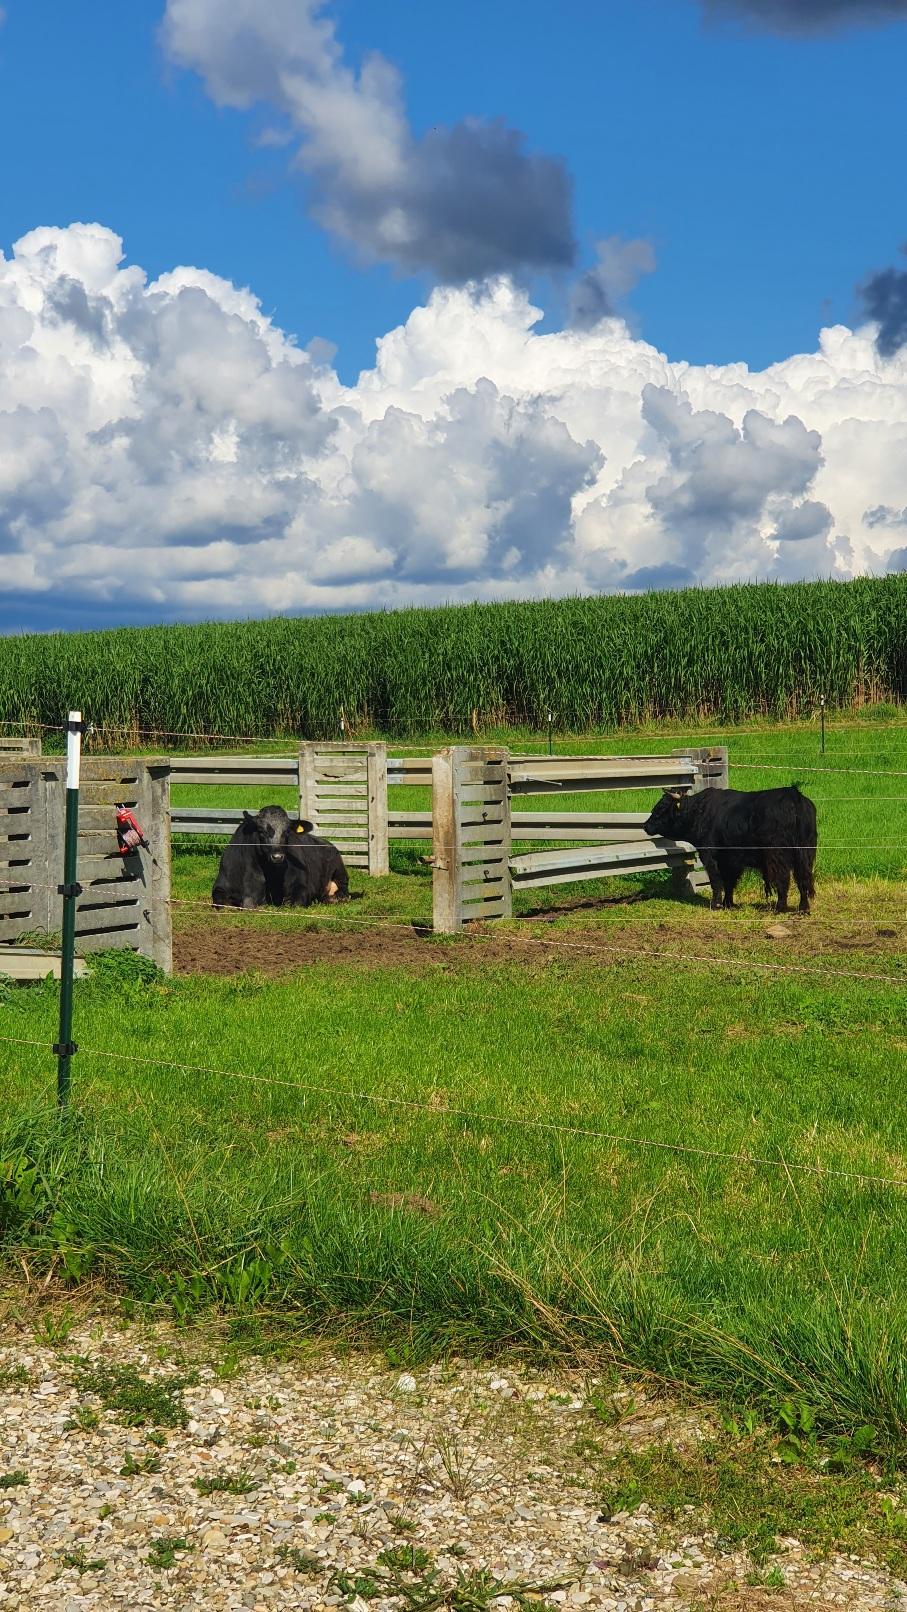 de tres grosses vaches noires